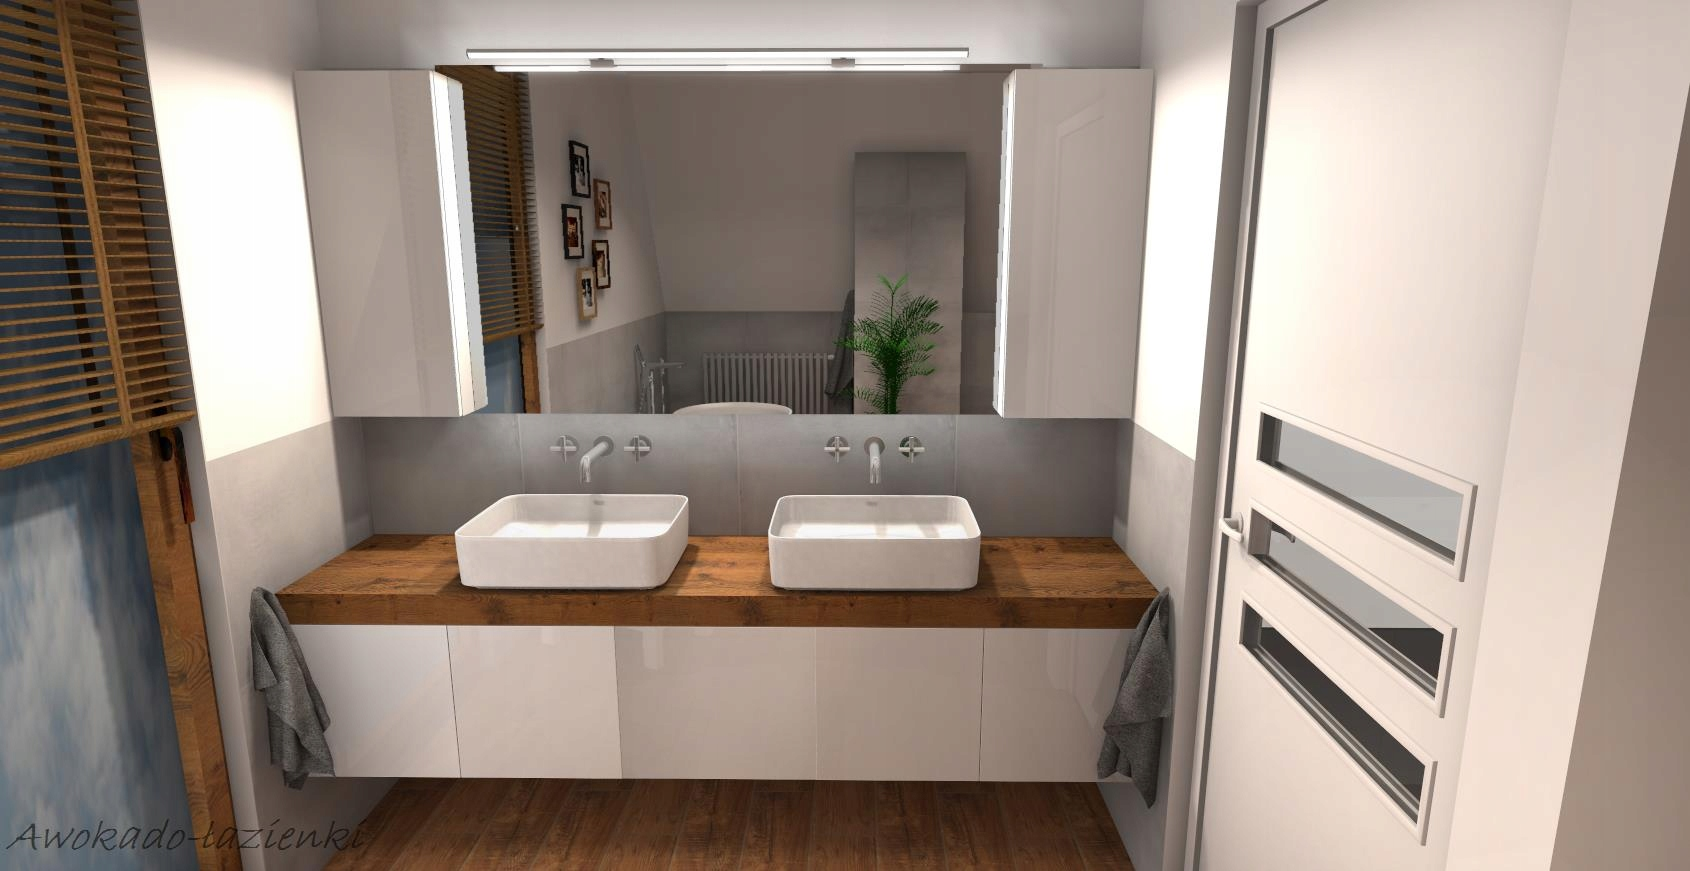 Projekt łazienki Wizualizacja 3danimacja Gratis